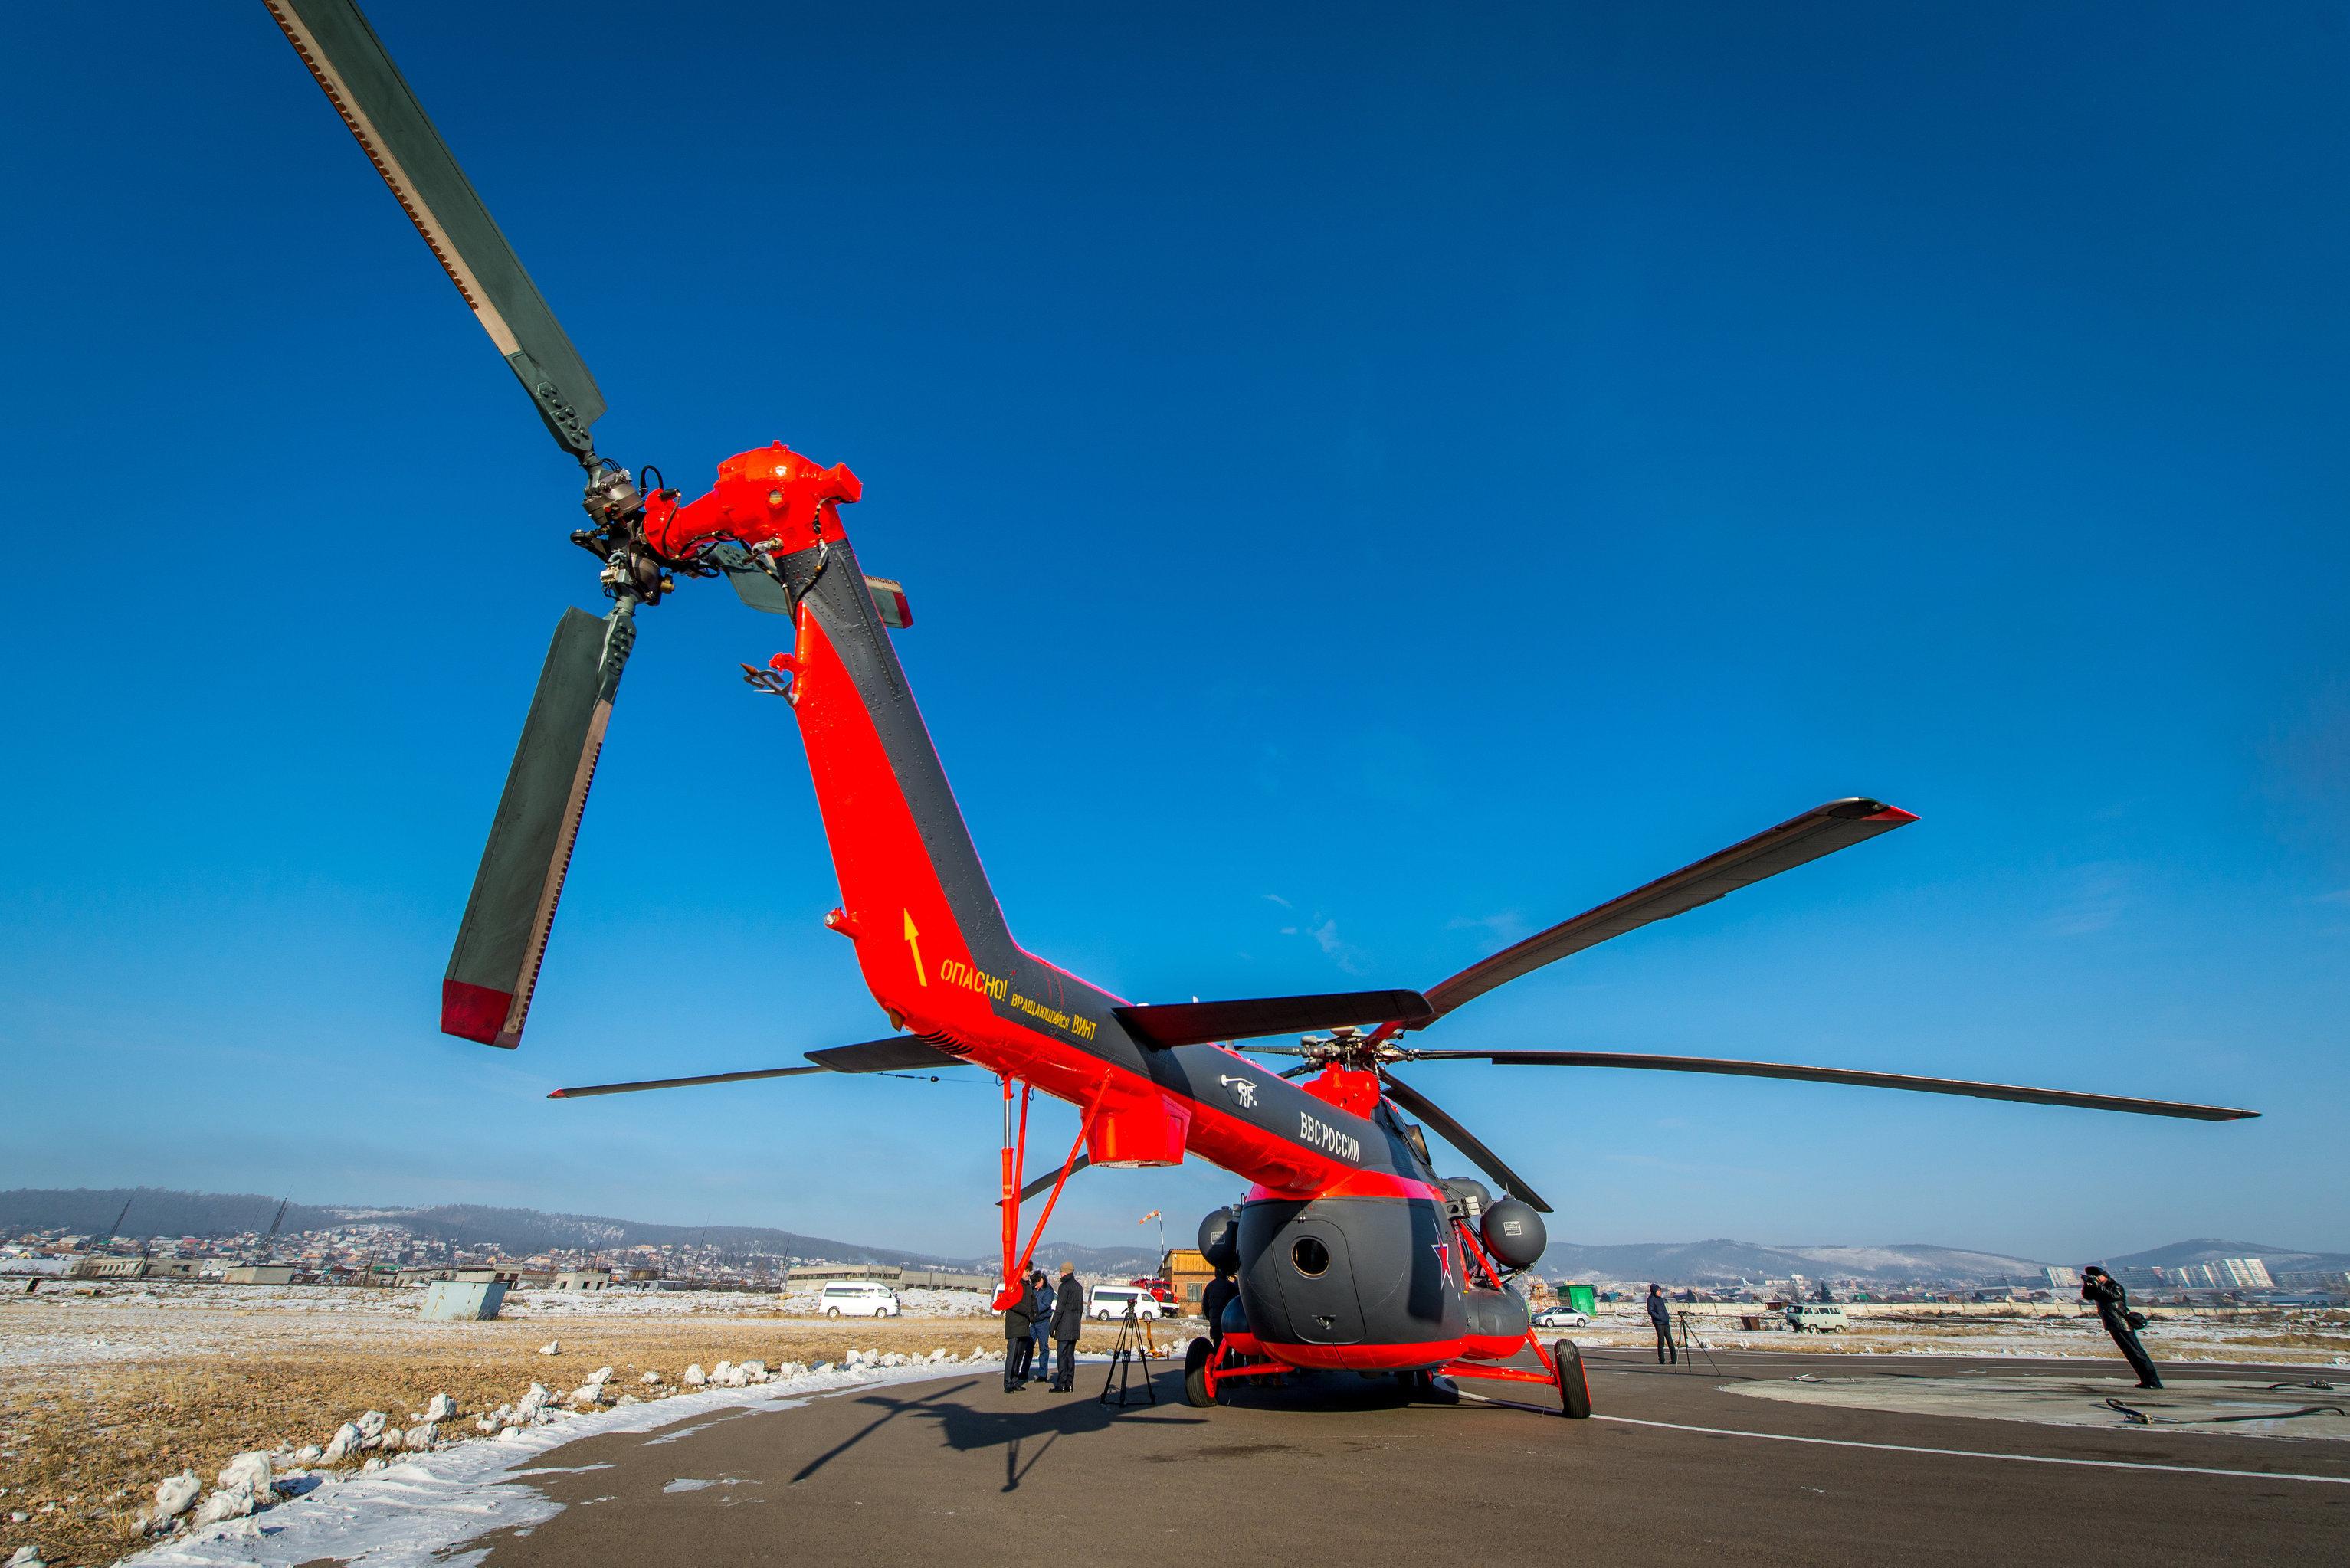 El helicóptero cuenta con un potente motor de fabricación rusa VK-2500. Incluso si uno de los motores falla, este sistema permite continuar el vuelo horizontal e incluso ganar altura, de ser necesario.